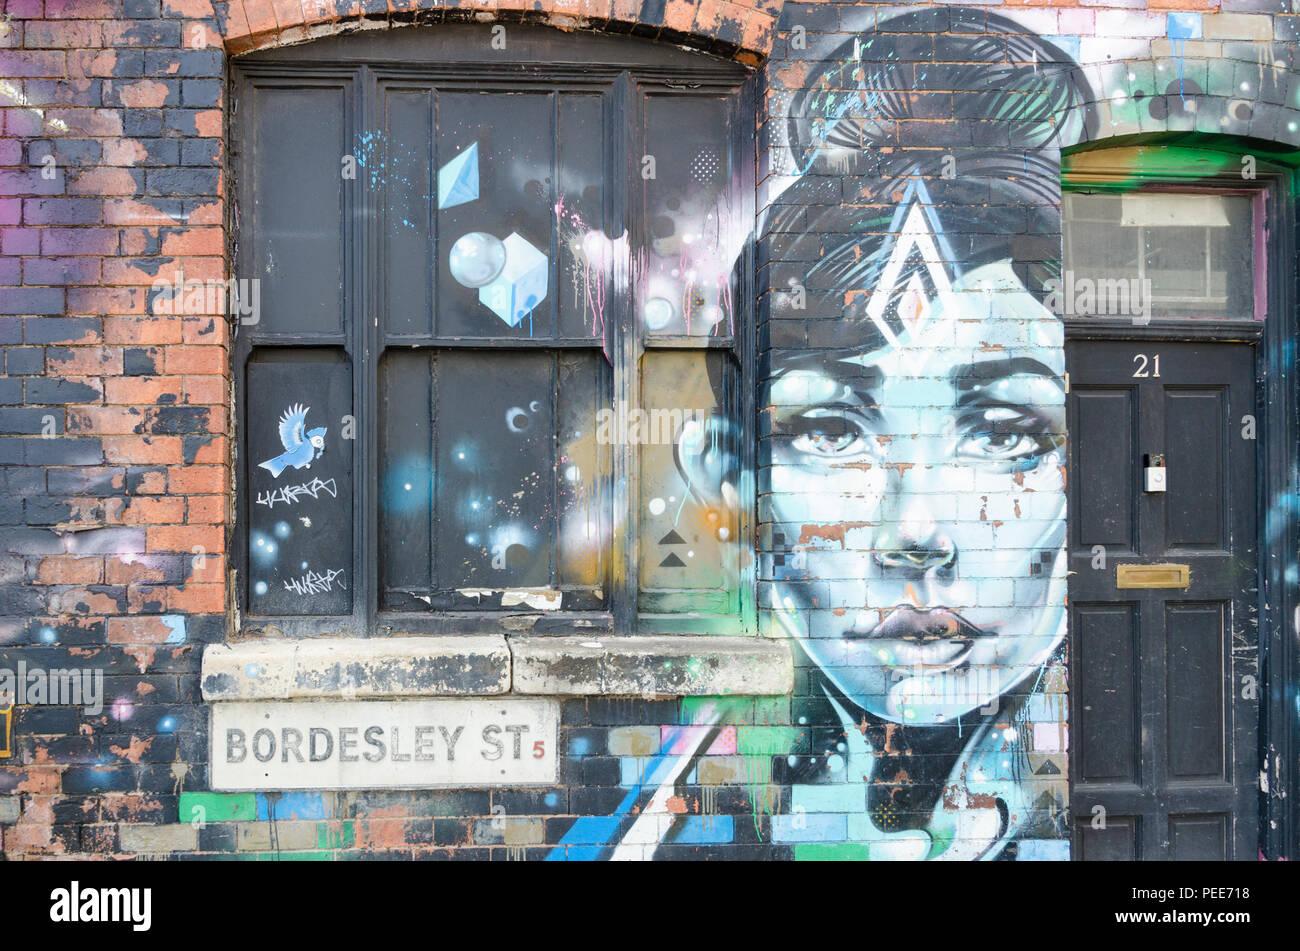 wall-of-derelict-building-in-bordesley-s